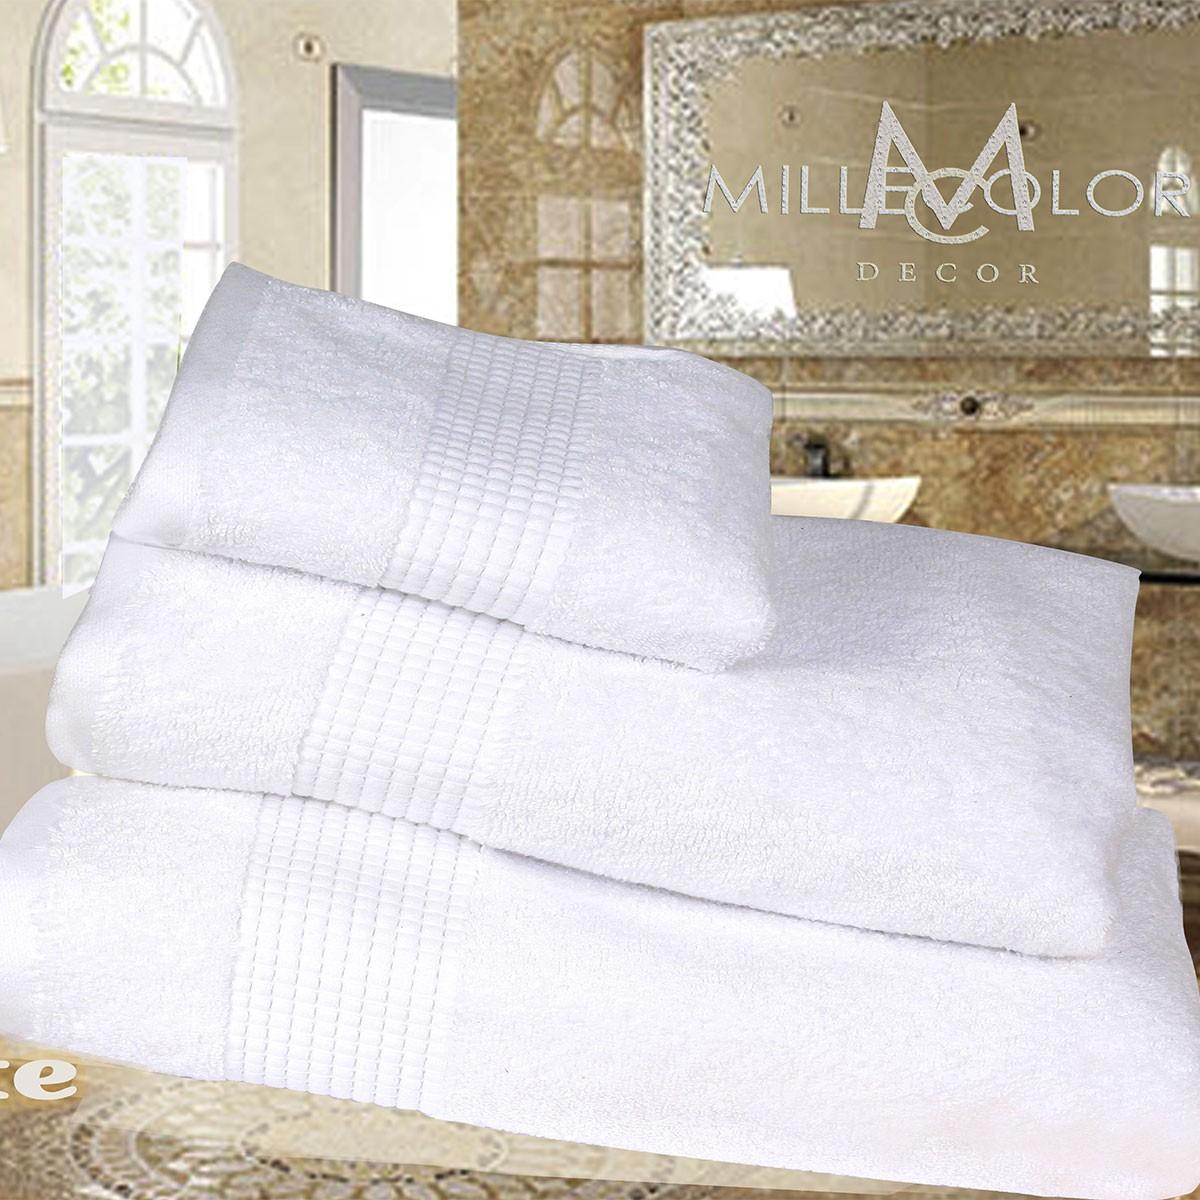 Πετσέτα Προσώπου (50x90) Mc Decor Extra Soft White